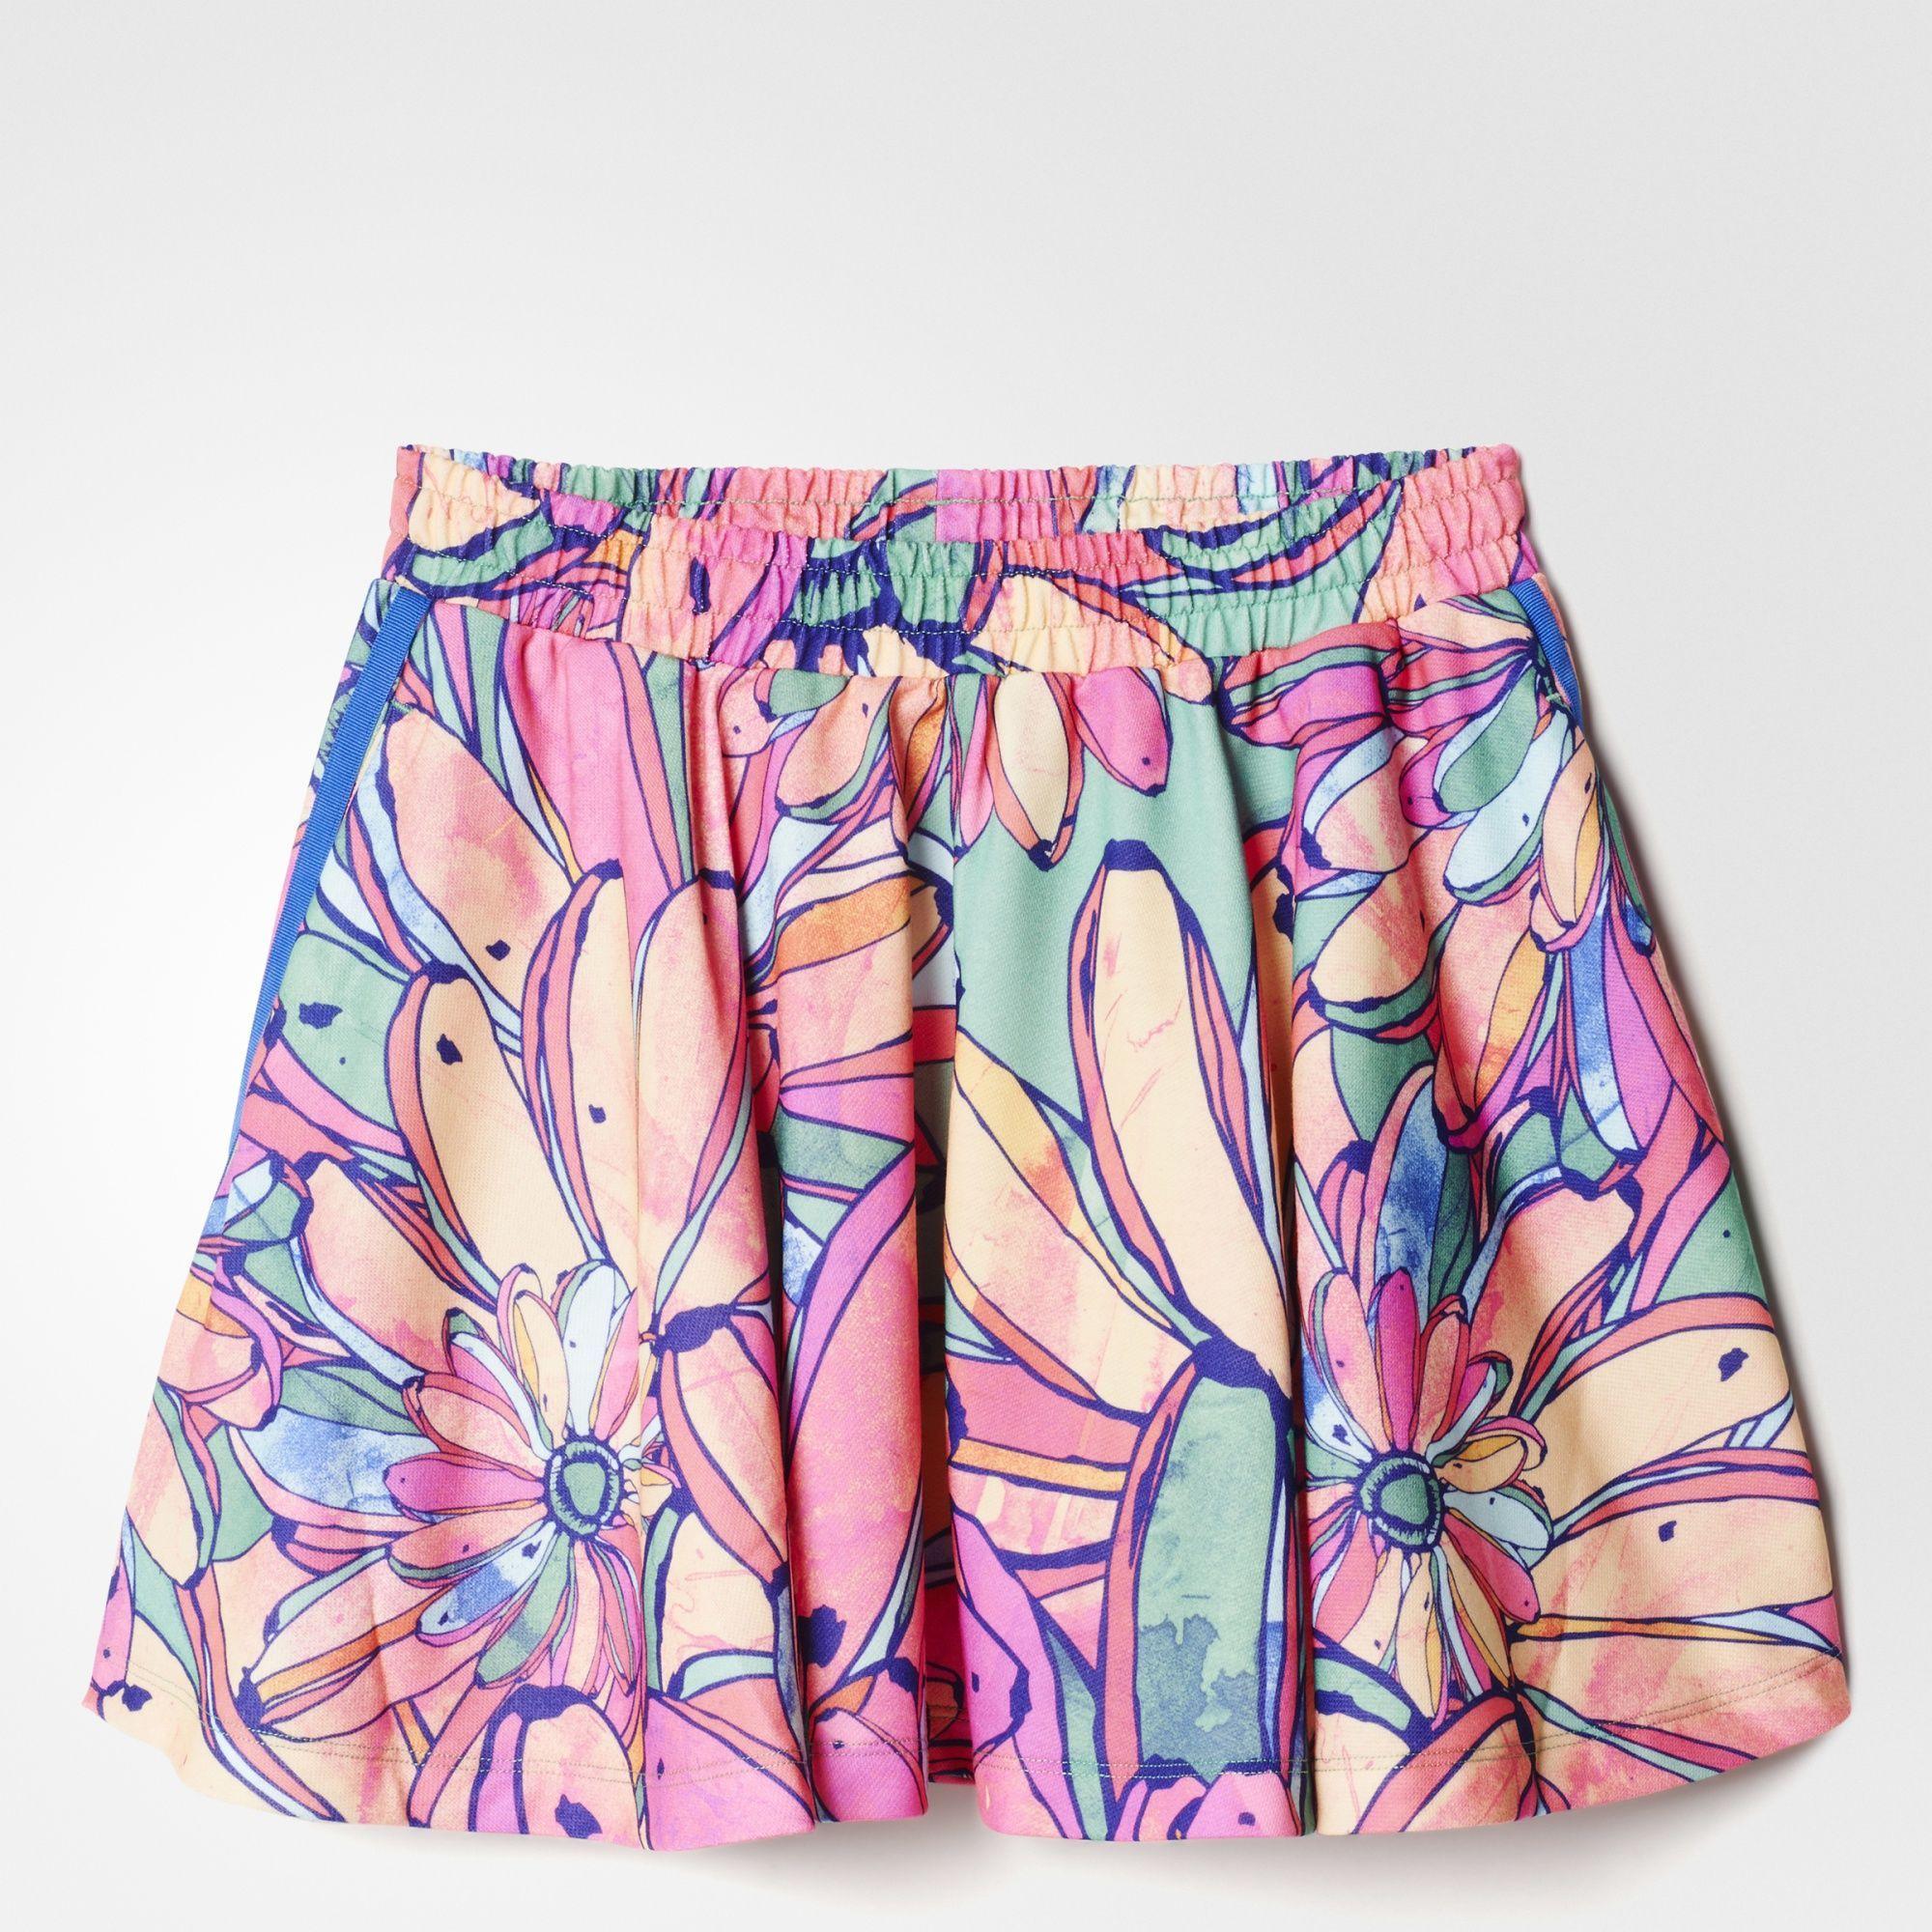 2b6517a1e77 Adidas Originals Bananas Flared Skirt | BanAna | Adidas, Skirts ...